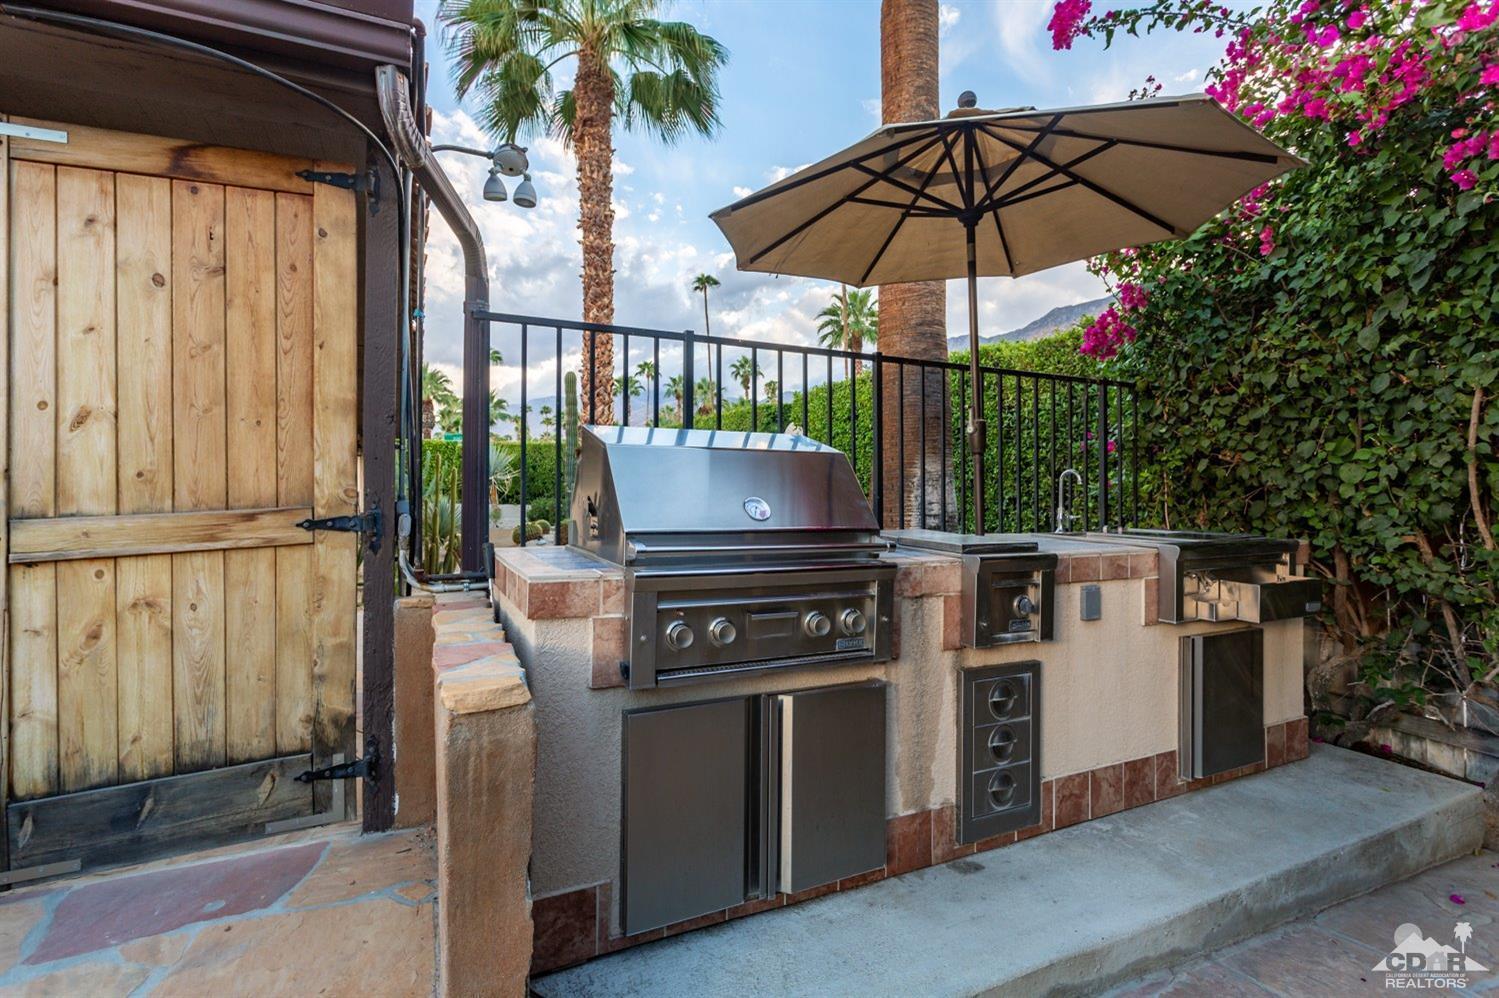 410 E Avenida Hokona, Palm Springs, California 92264, 3 Bedrooms Bedrooms, ,3 BathroomsBathrooms,Residential,Sold,410 E Avenida Hokona,218026094